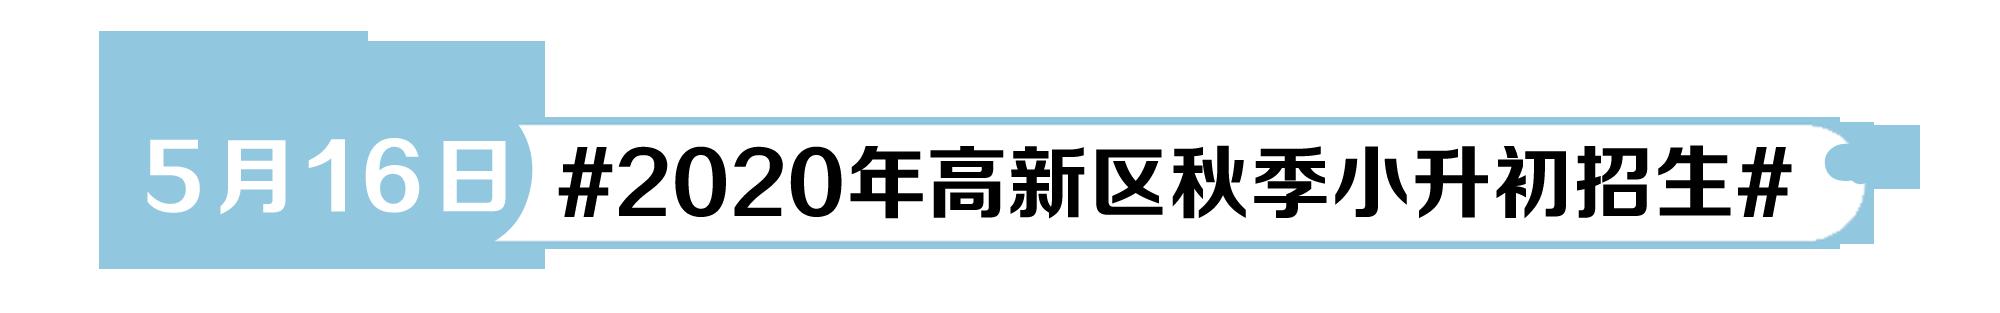 2020年高新区秋季小升初招生.png